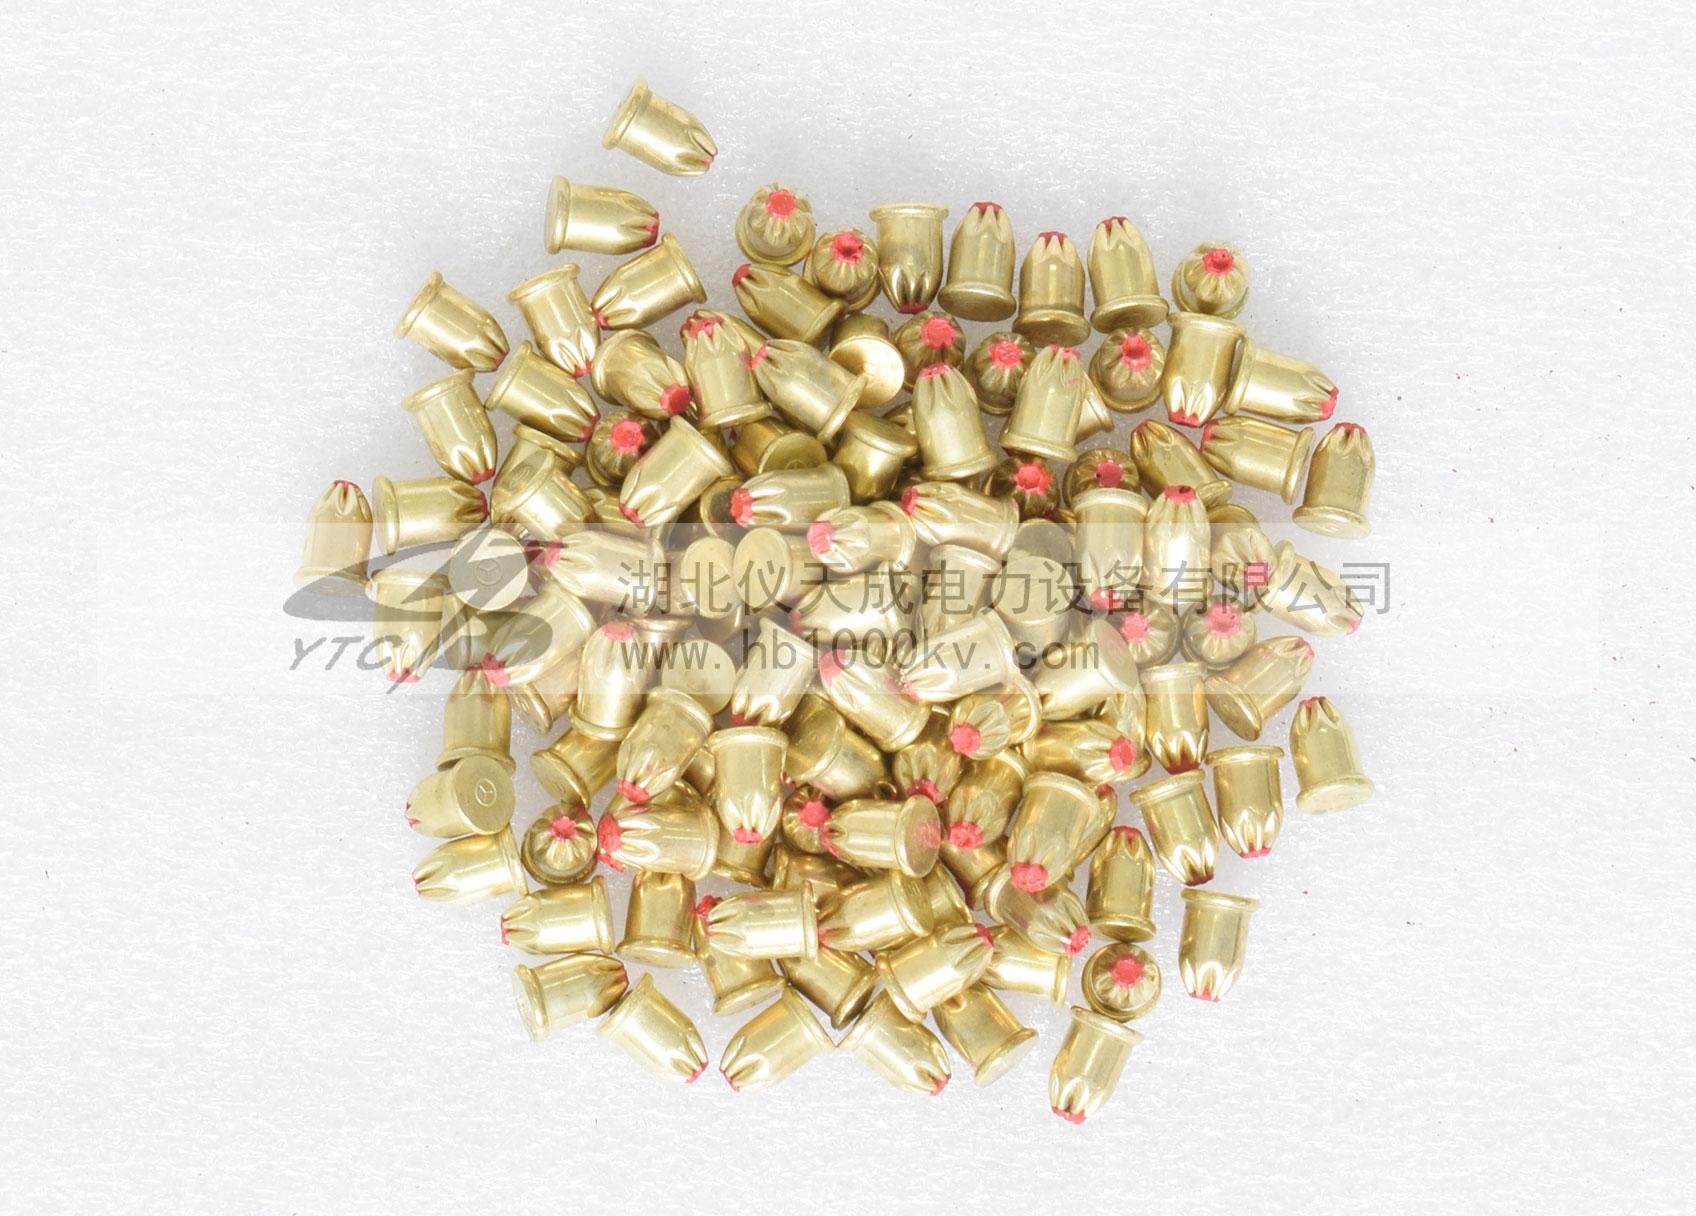 YTC607电缆刺扎器射钉弹